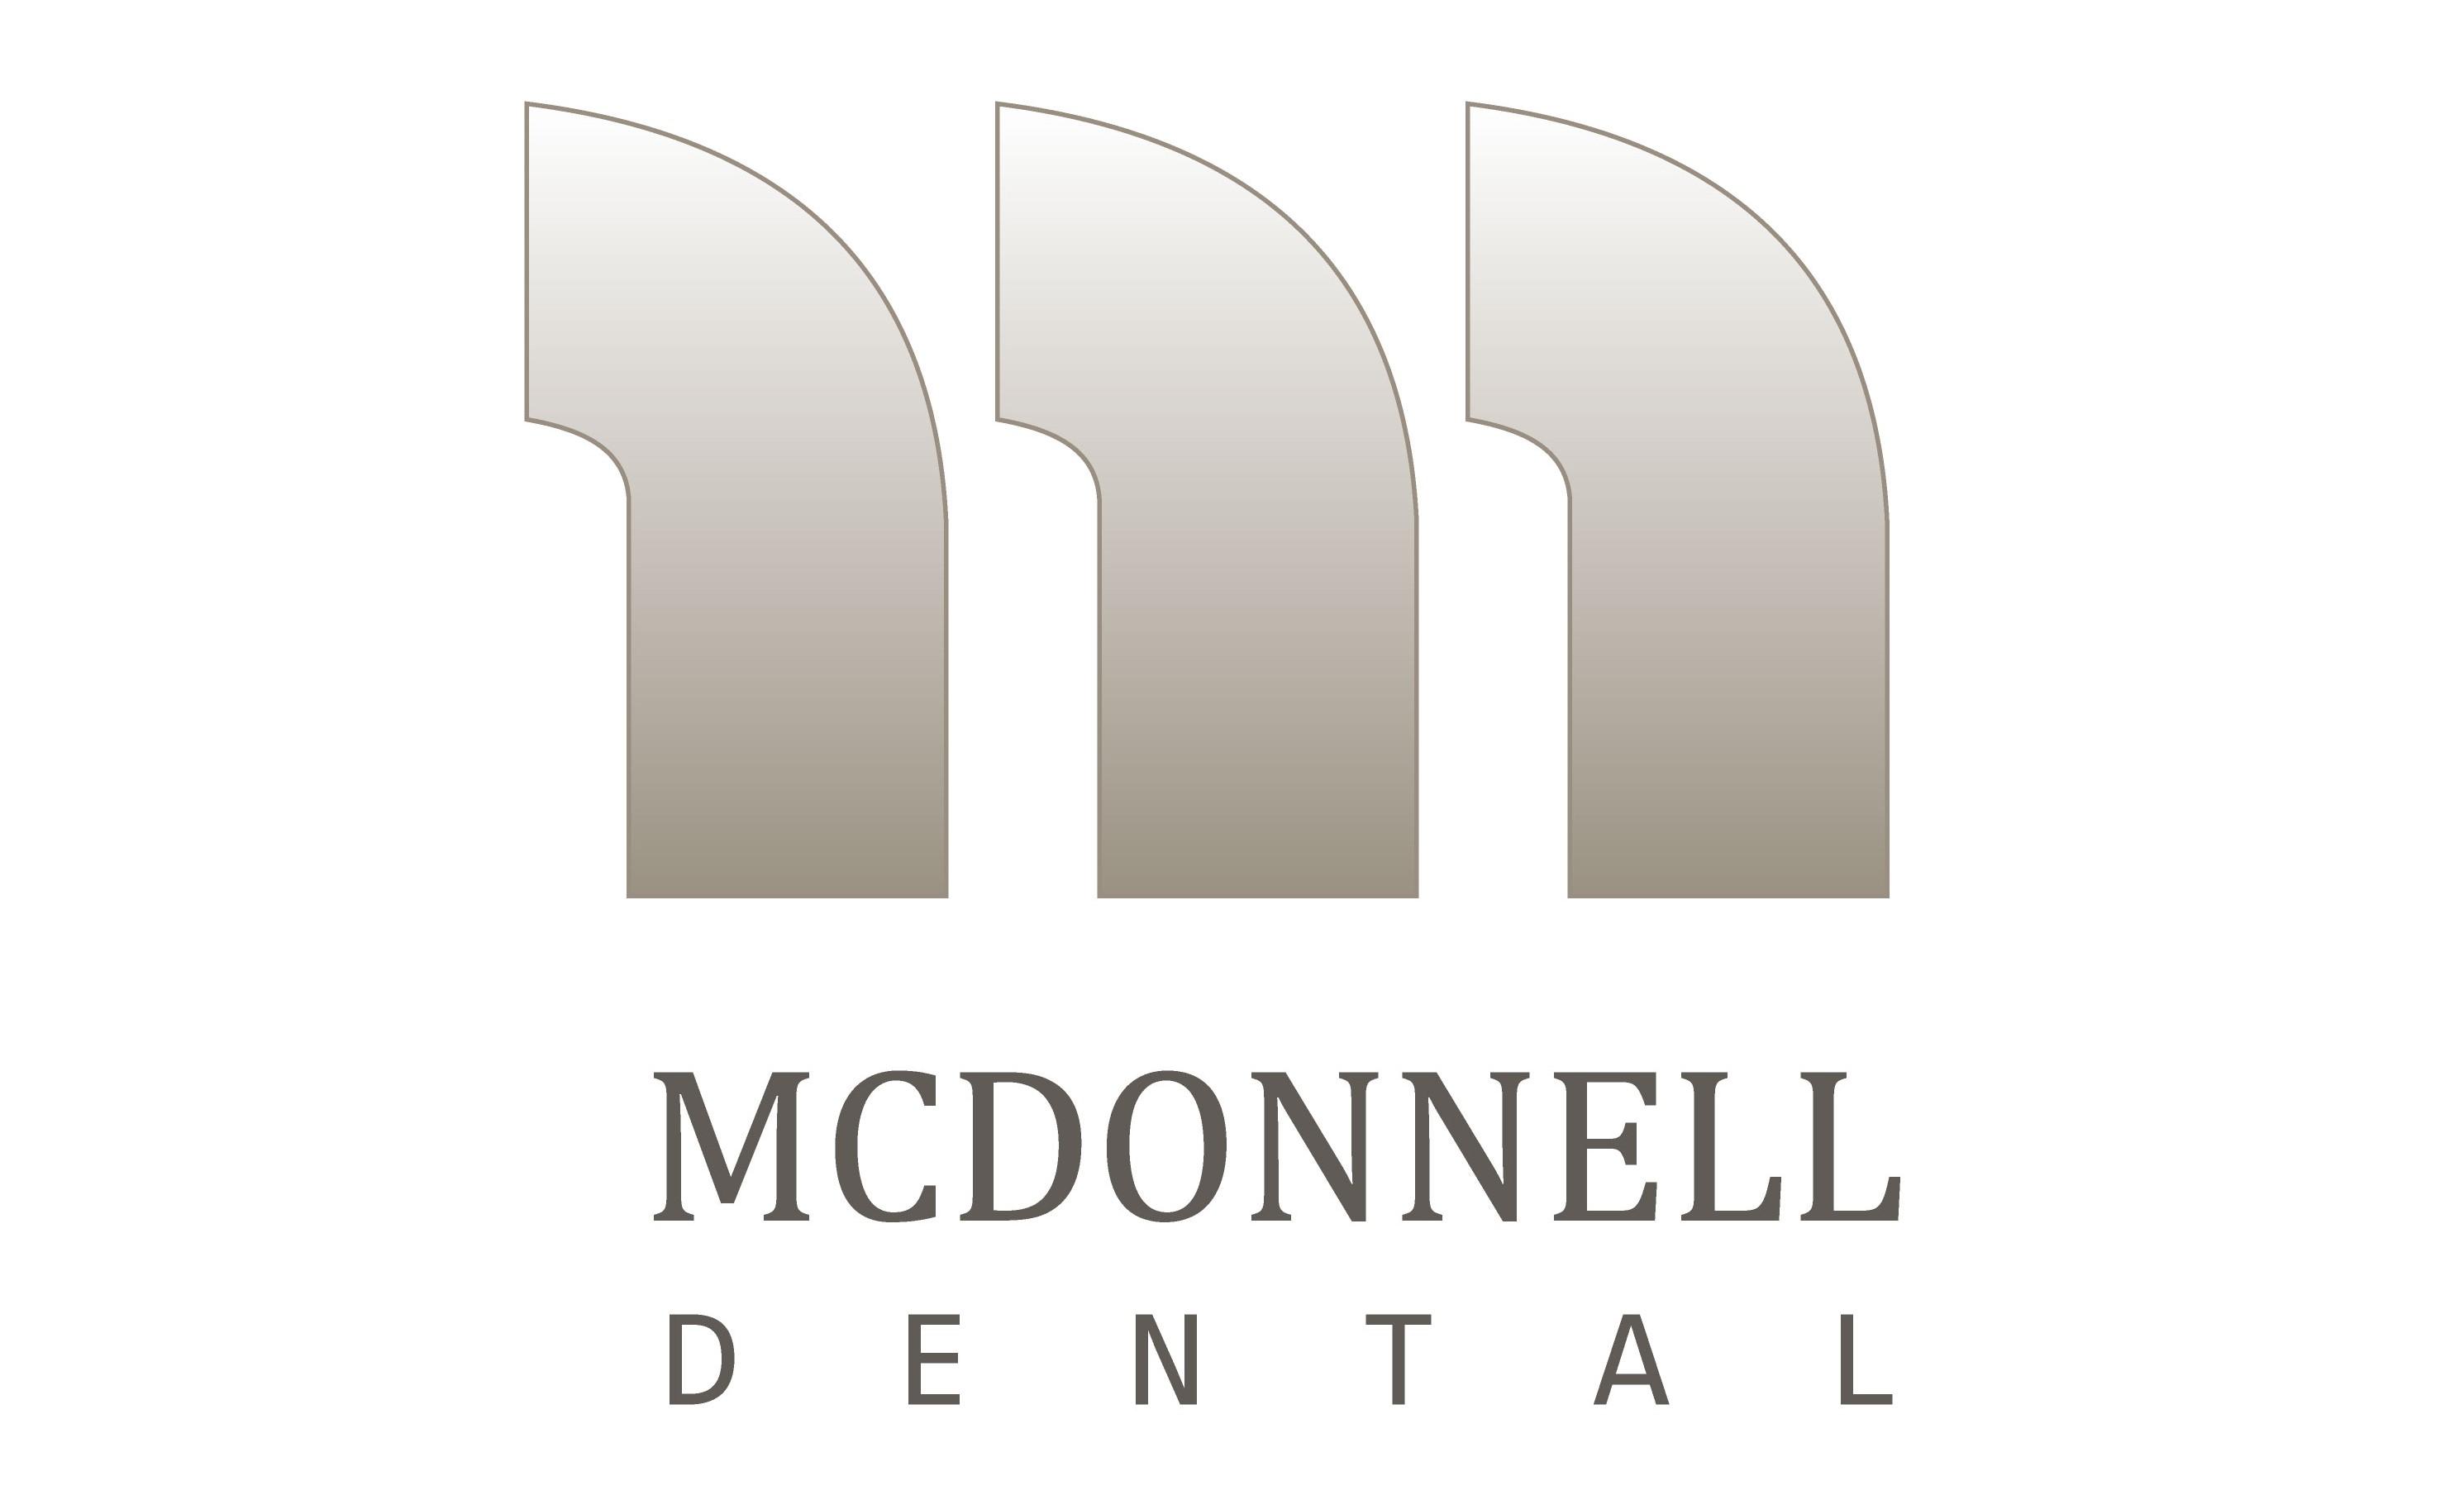 McDonnell Dental